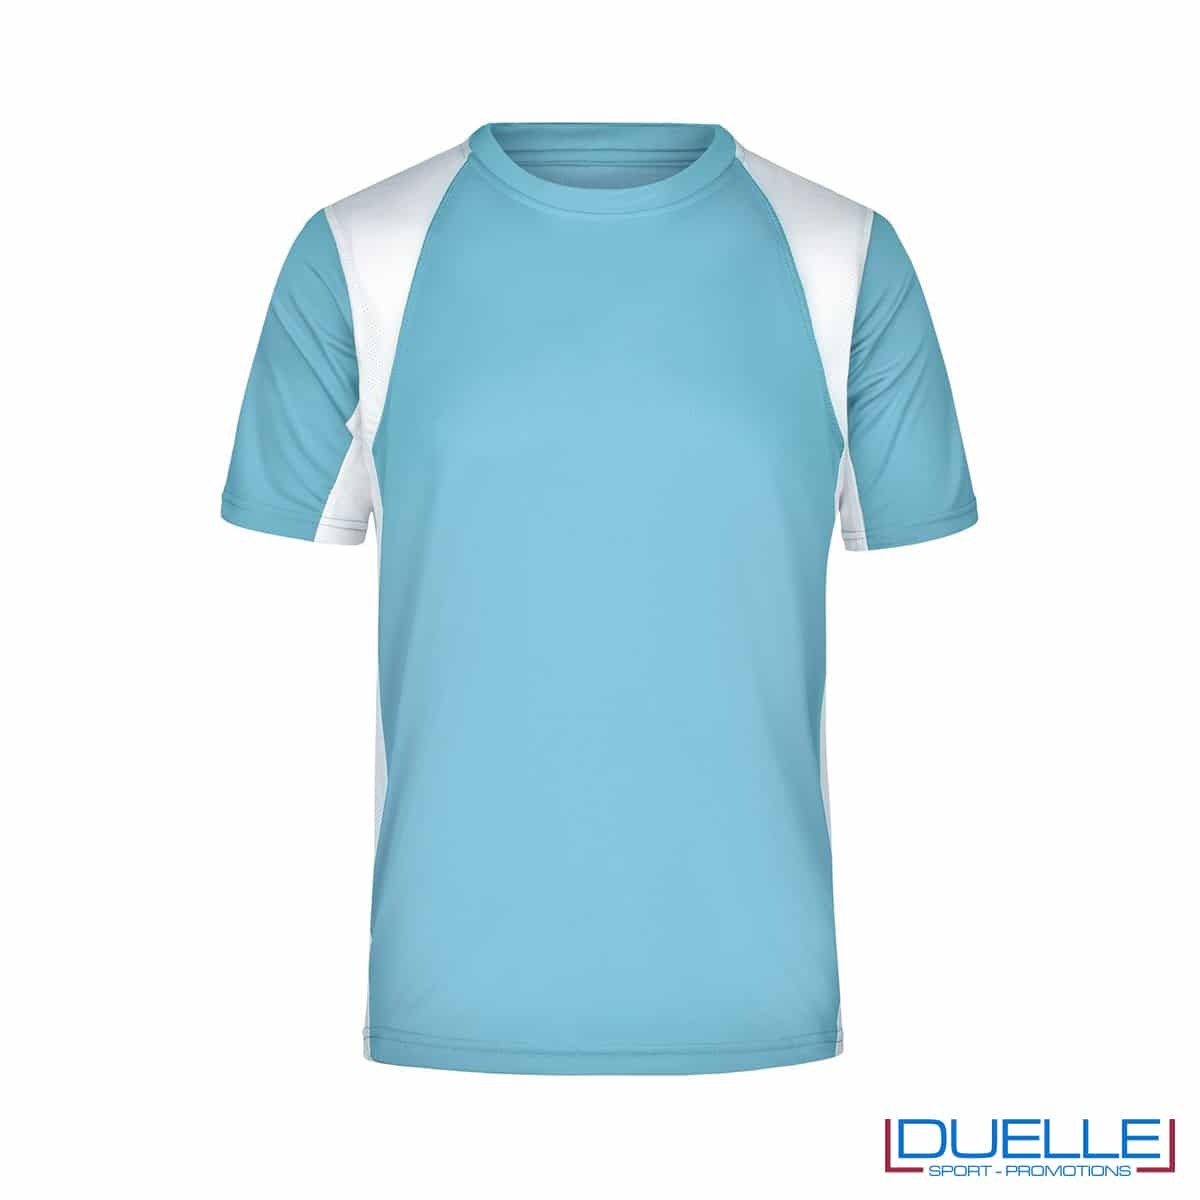 T-shirt running uomo personalizzata colore celeste-bianco